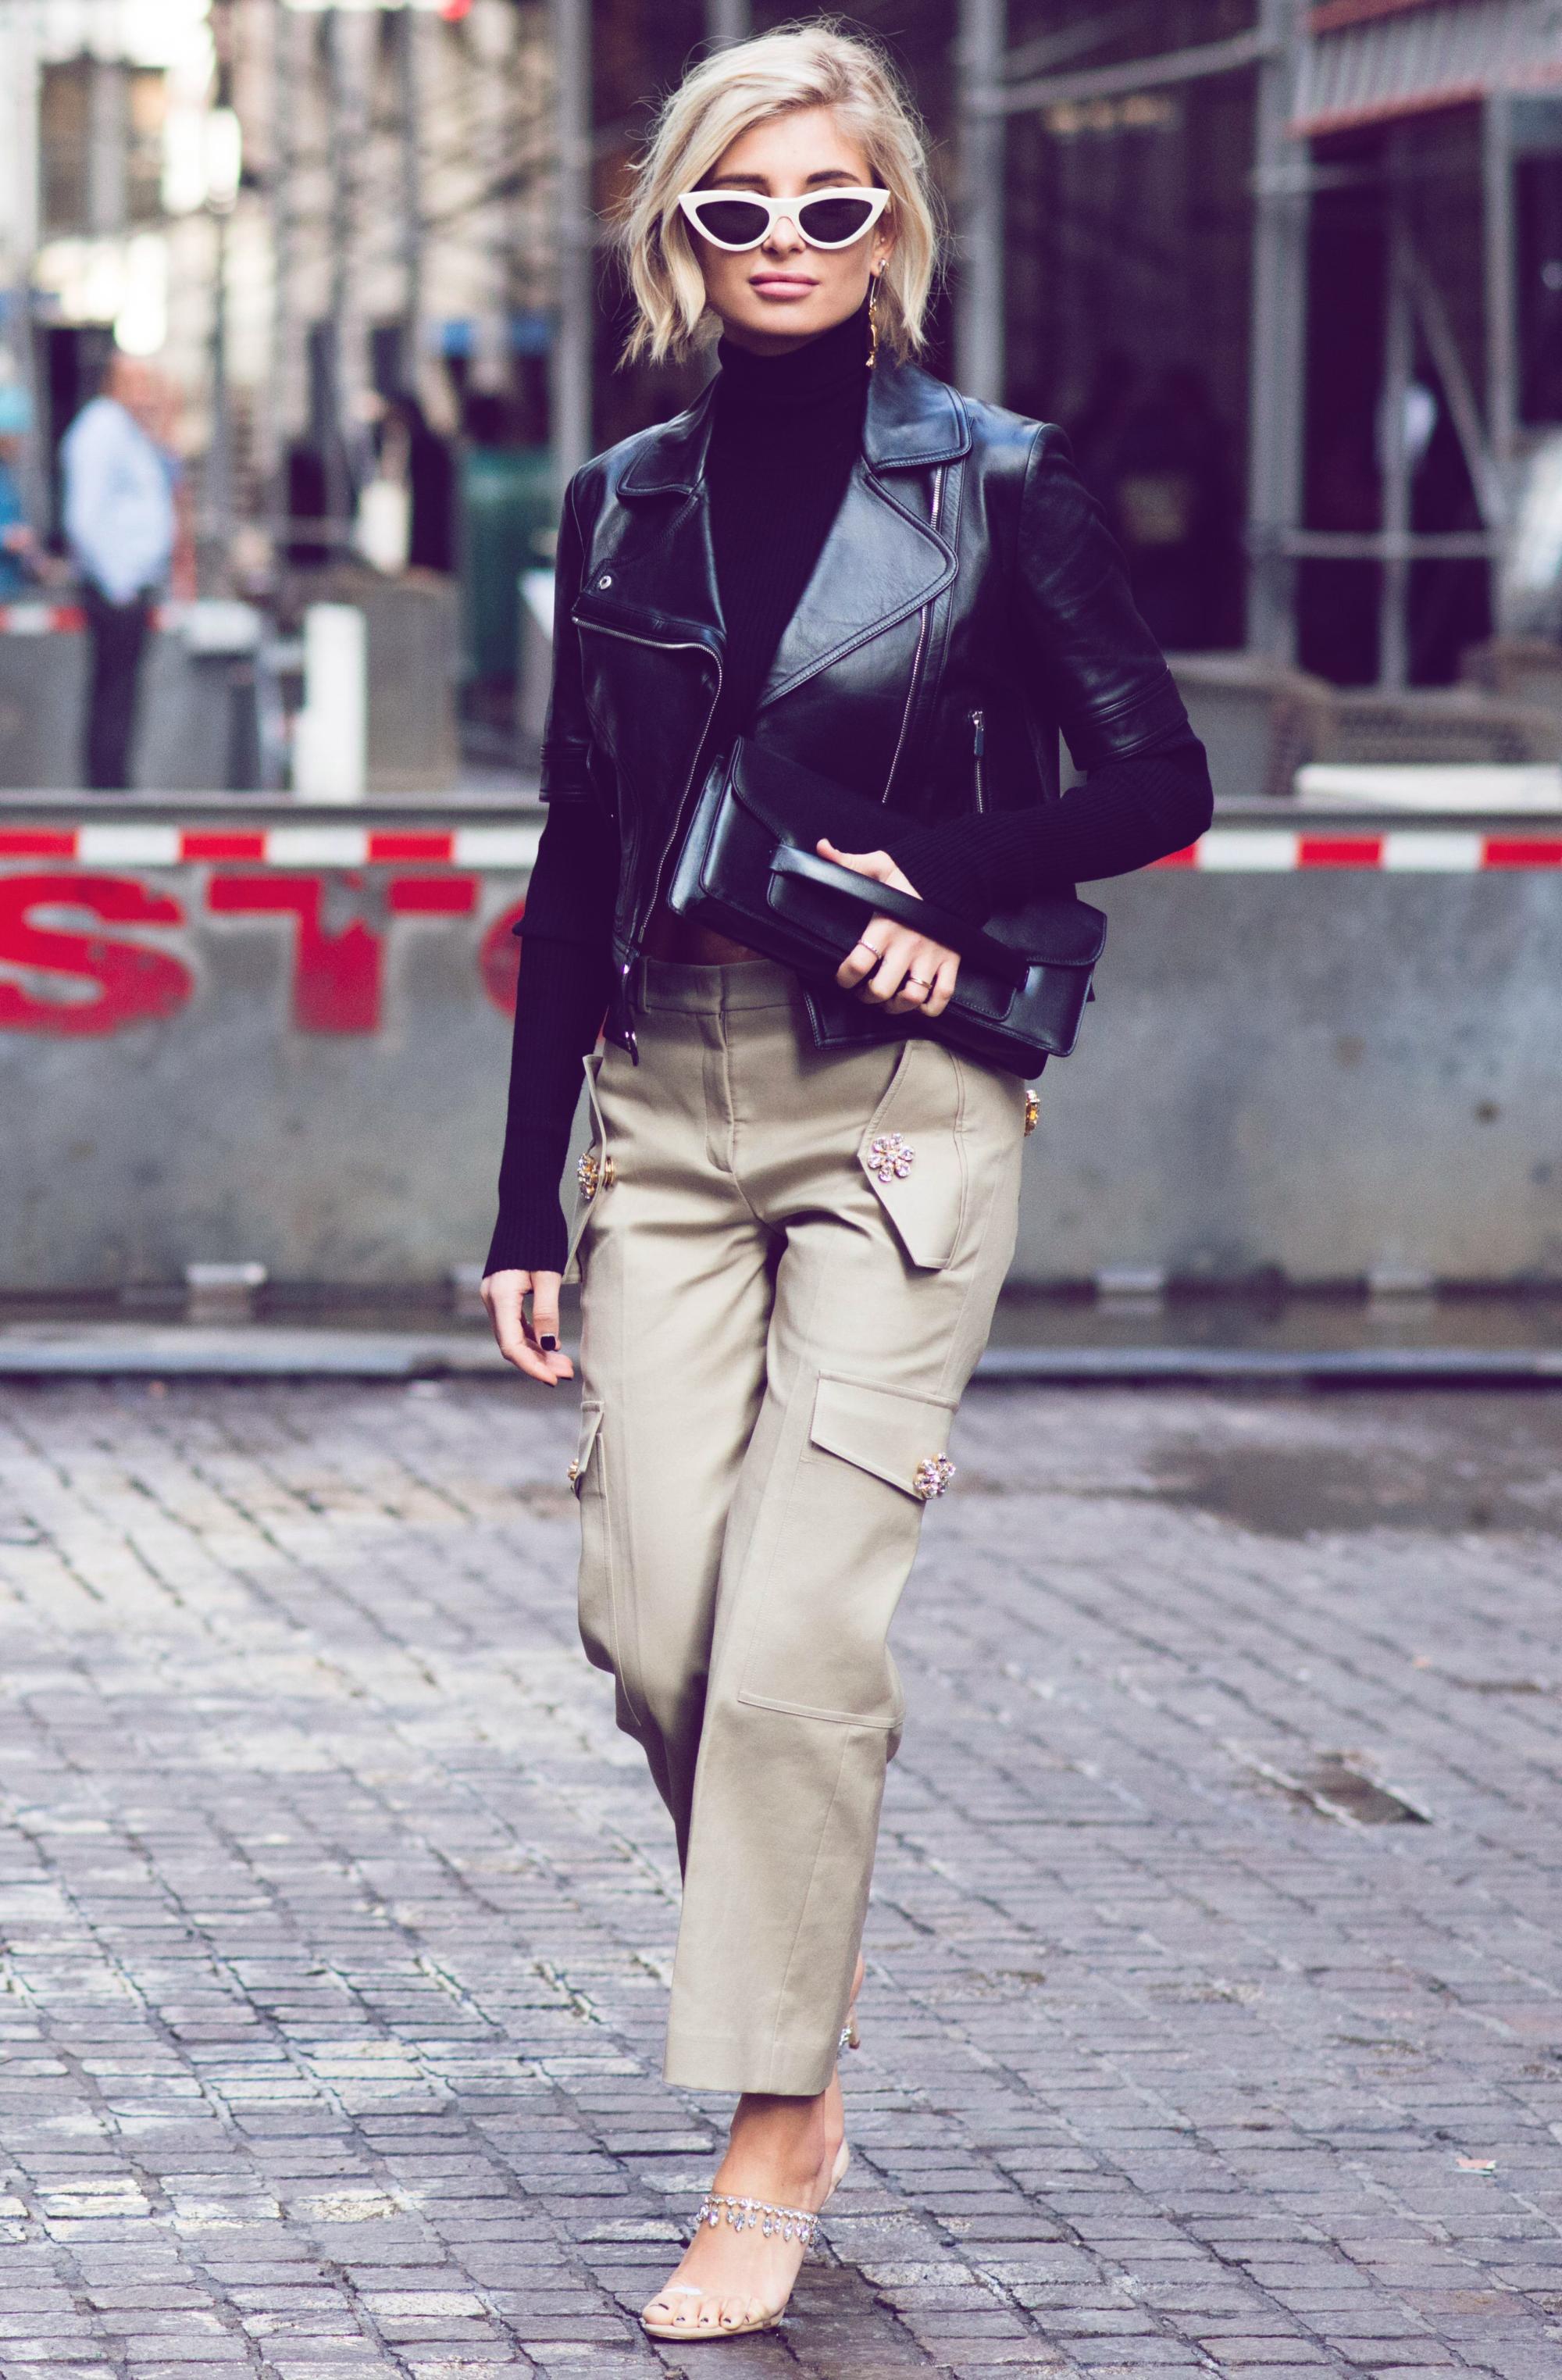 Lederjacke kombinieren: 5 stylische Ideen, die du lieben wirst